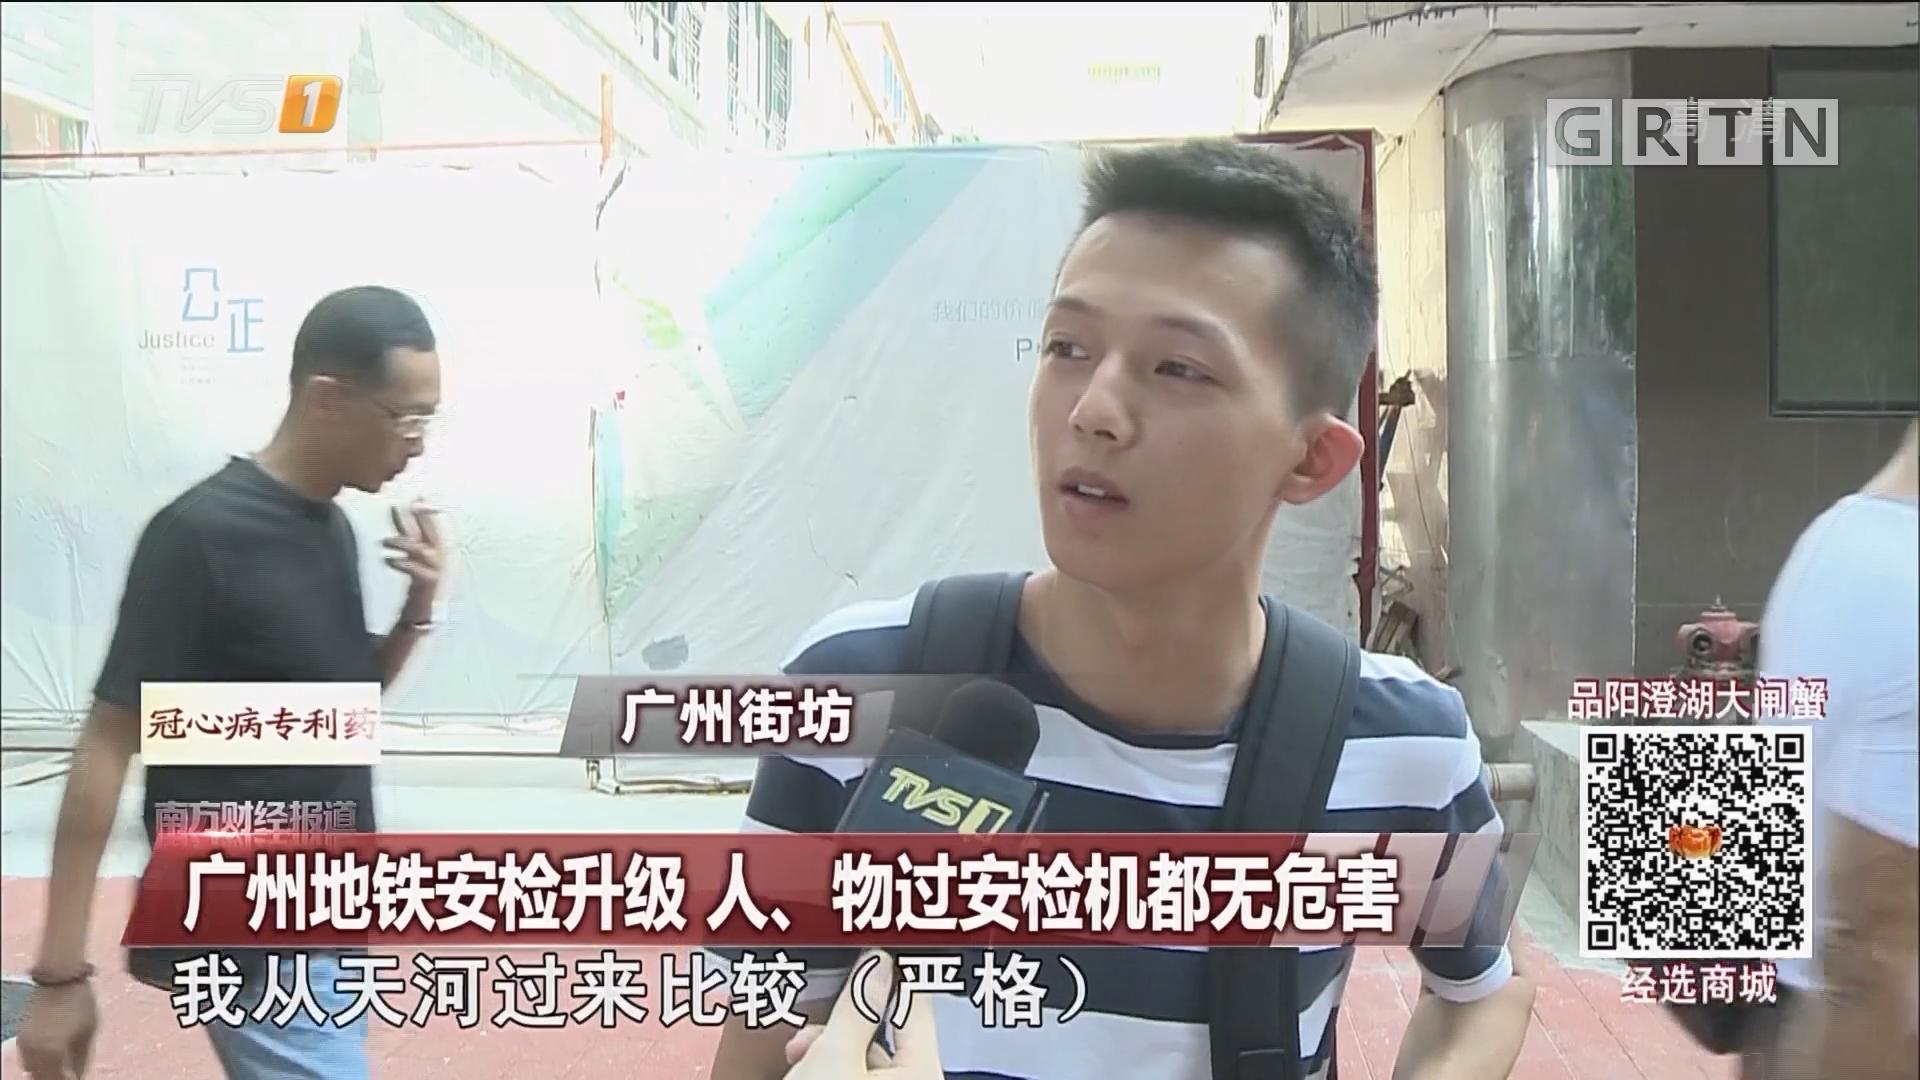 广州地铁安检升级 人、物过安检机都无危害